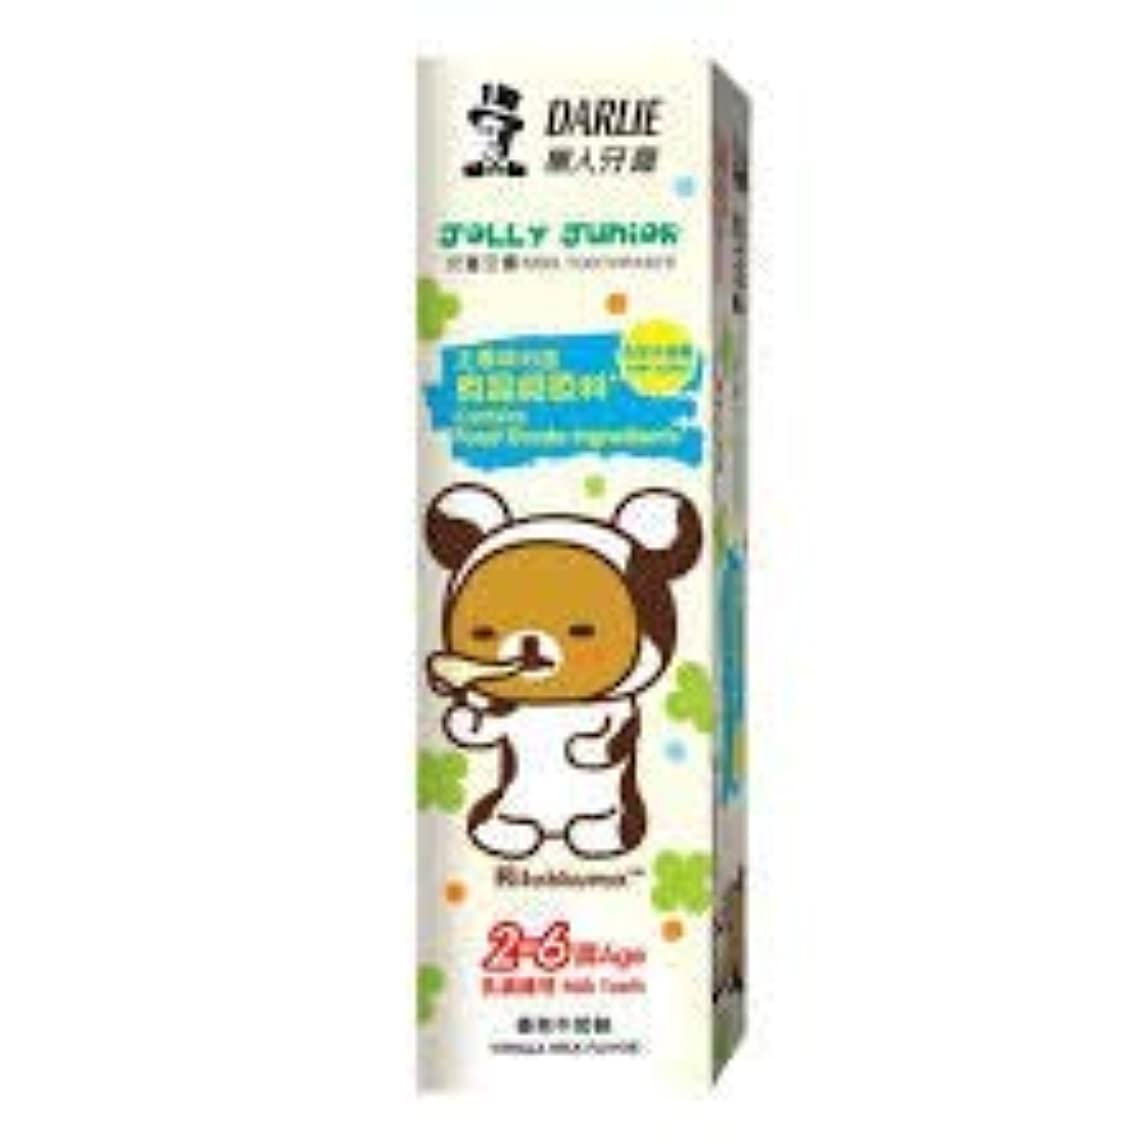 音節決定準備したDARLIE ハッピーティーンエイジャーの歯磨き粉2-6歳歯磨き粉60グラムバニラミルクは - 虫歯を防ぐためにキシリトールを含む、ミルクの歯と準備して子供たちに仕出し料理されます